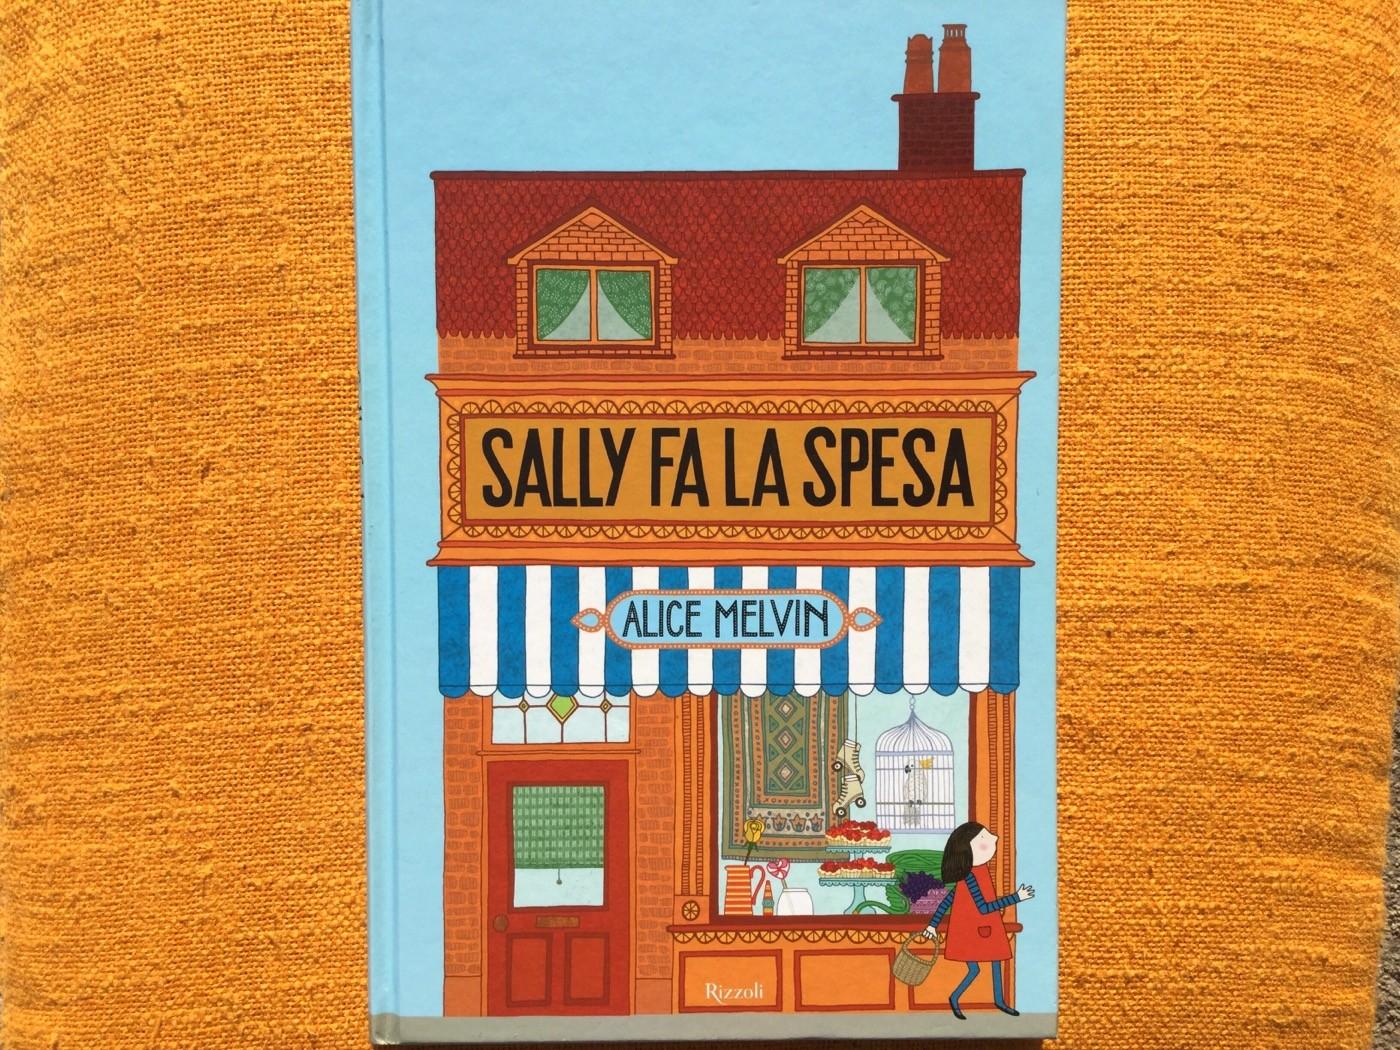 Sally-fa-spesa-alice-melvin-rizzoli-galline-volanti